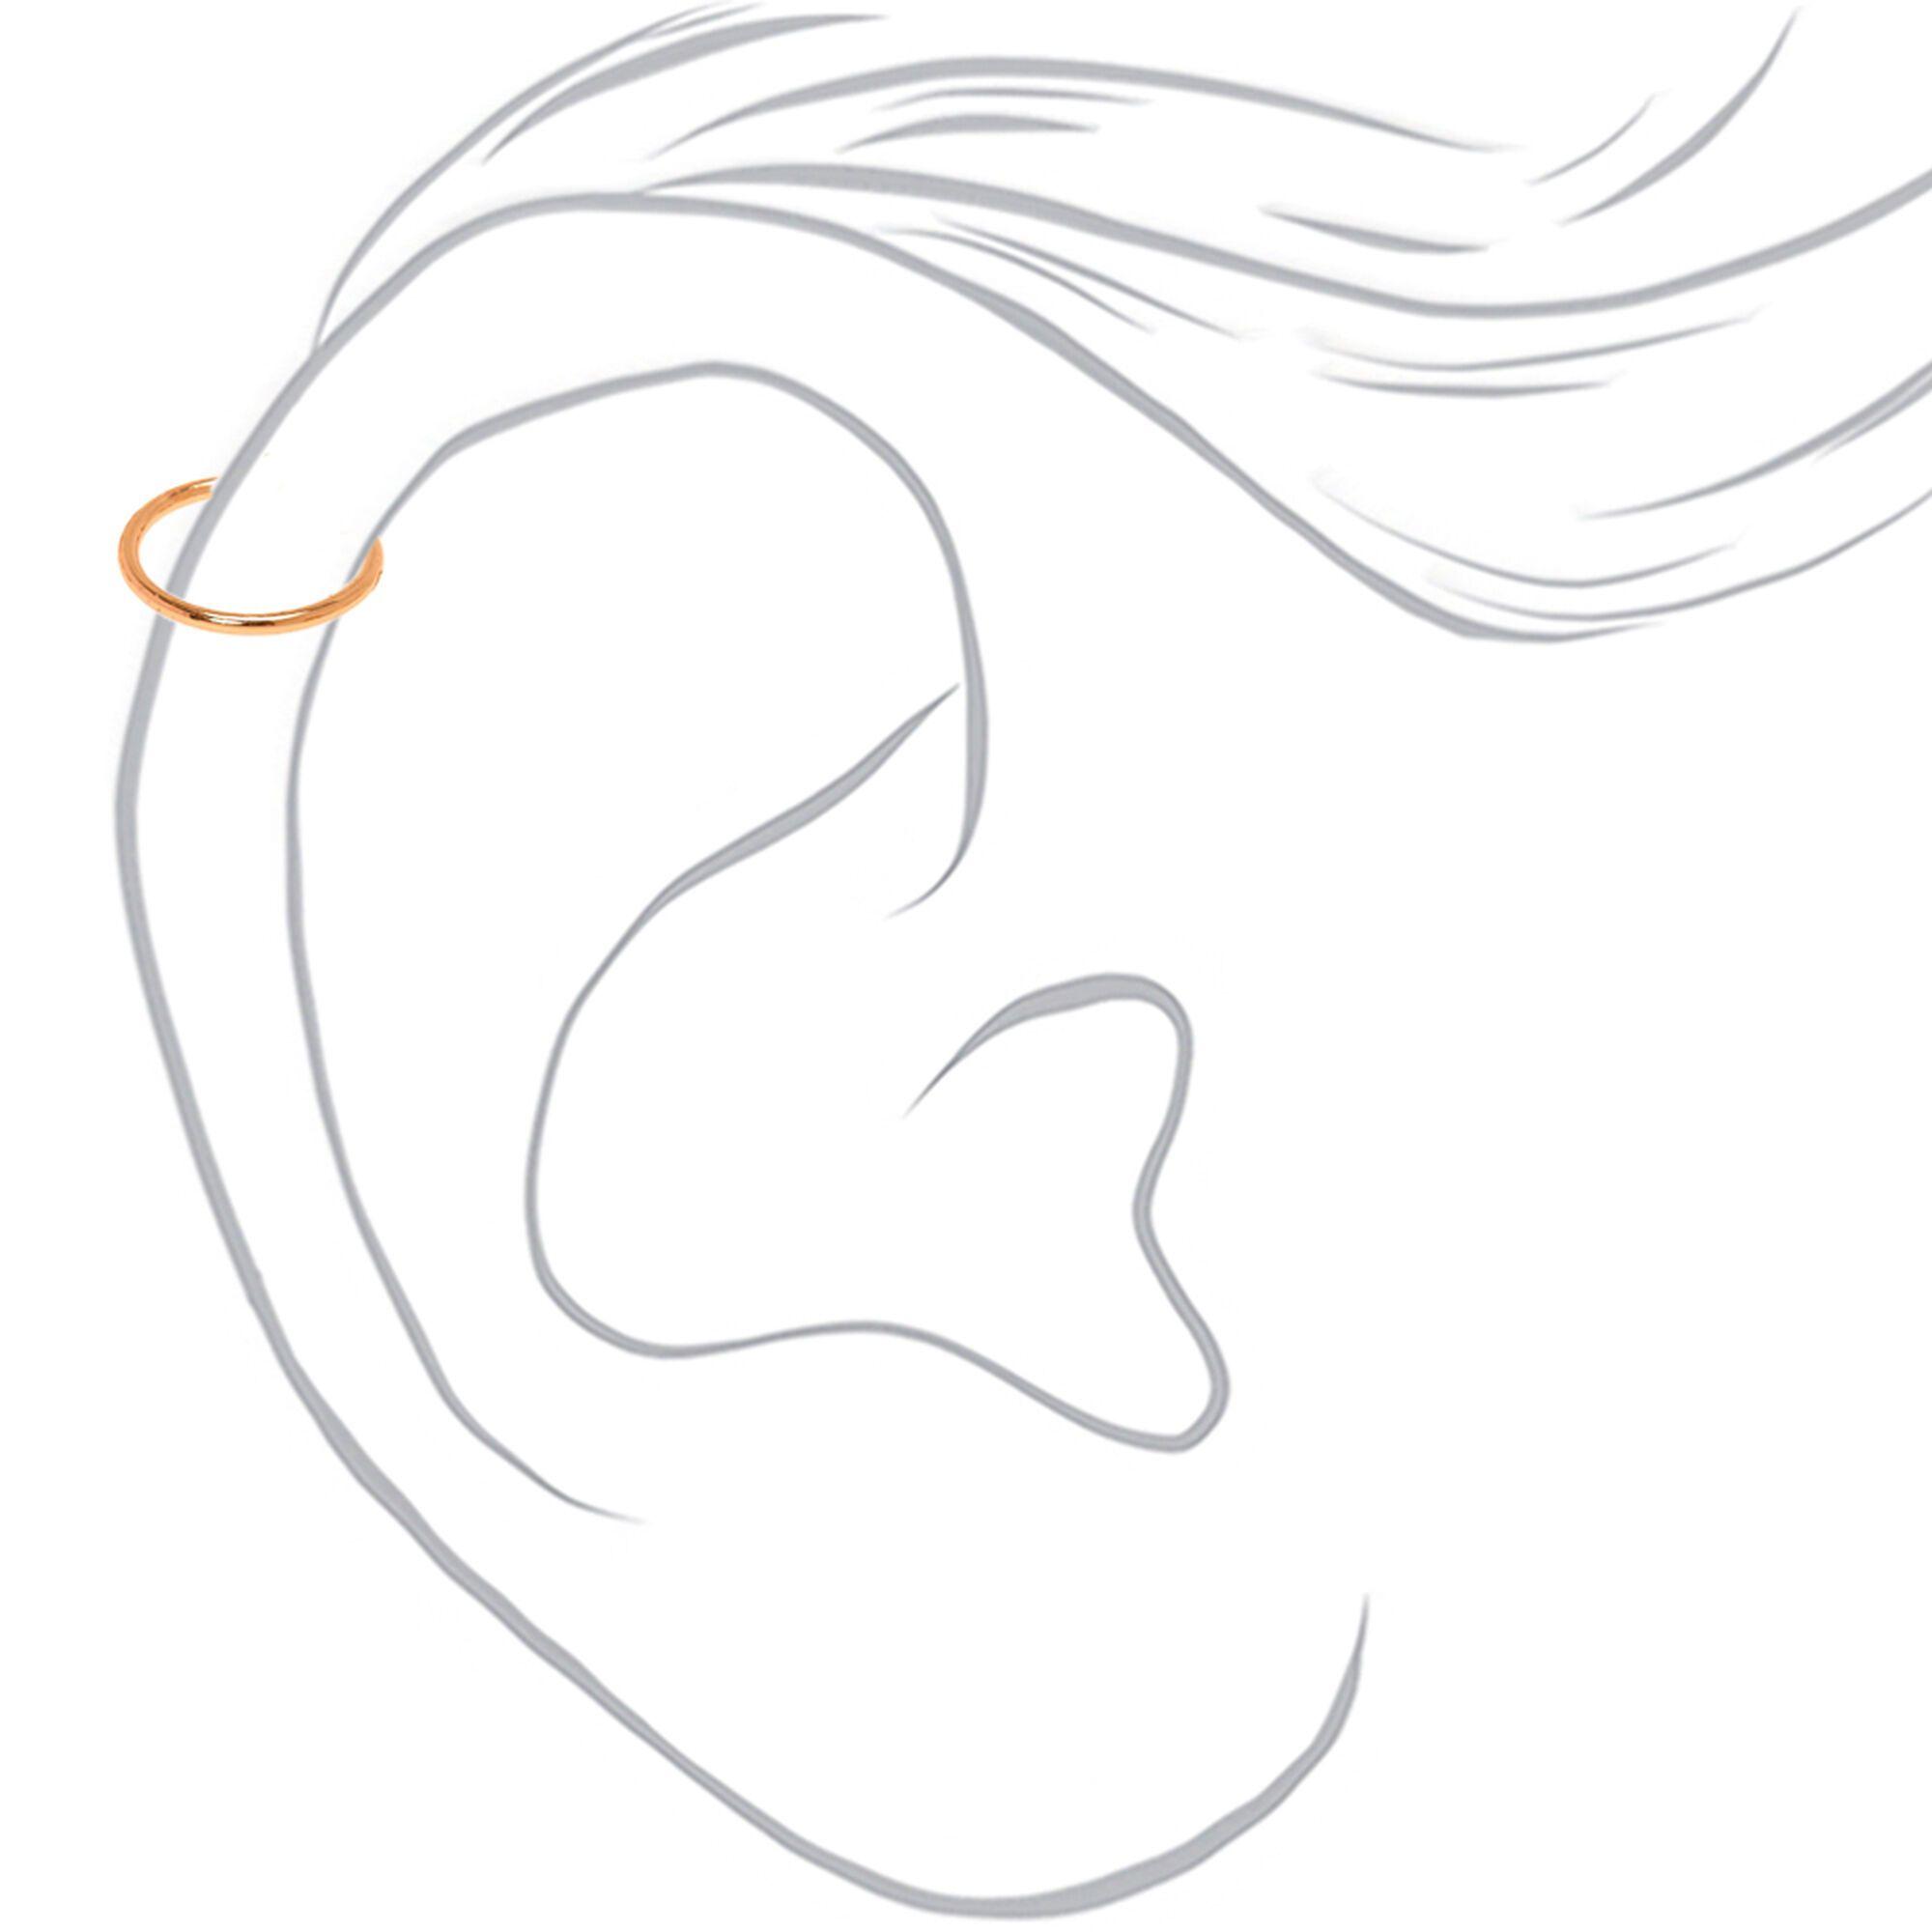 Rose Gold Crystal Faux Cartilage Hoop Earrings Black 3 Pack Anime Earrings Rose Gold Crystal Cartilage Earrings Hoop